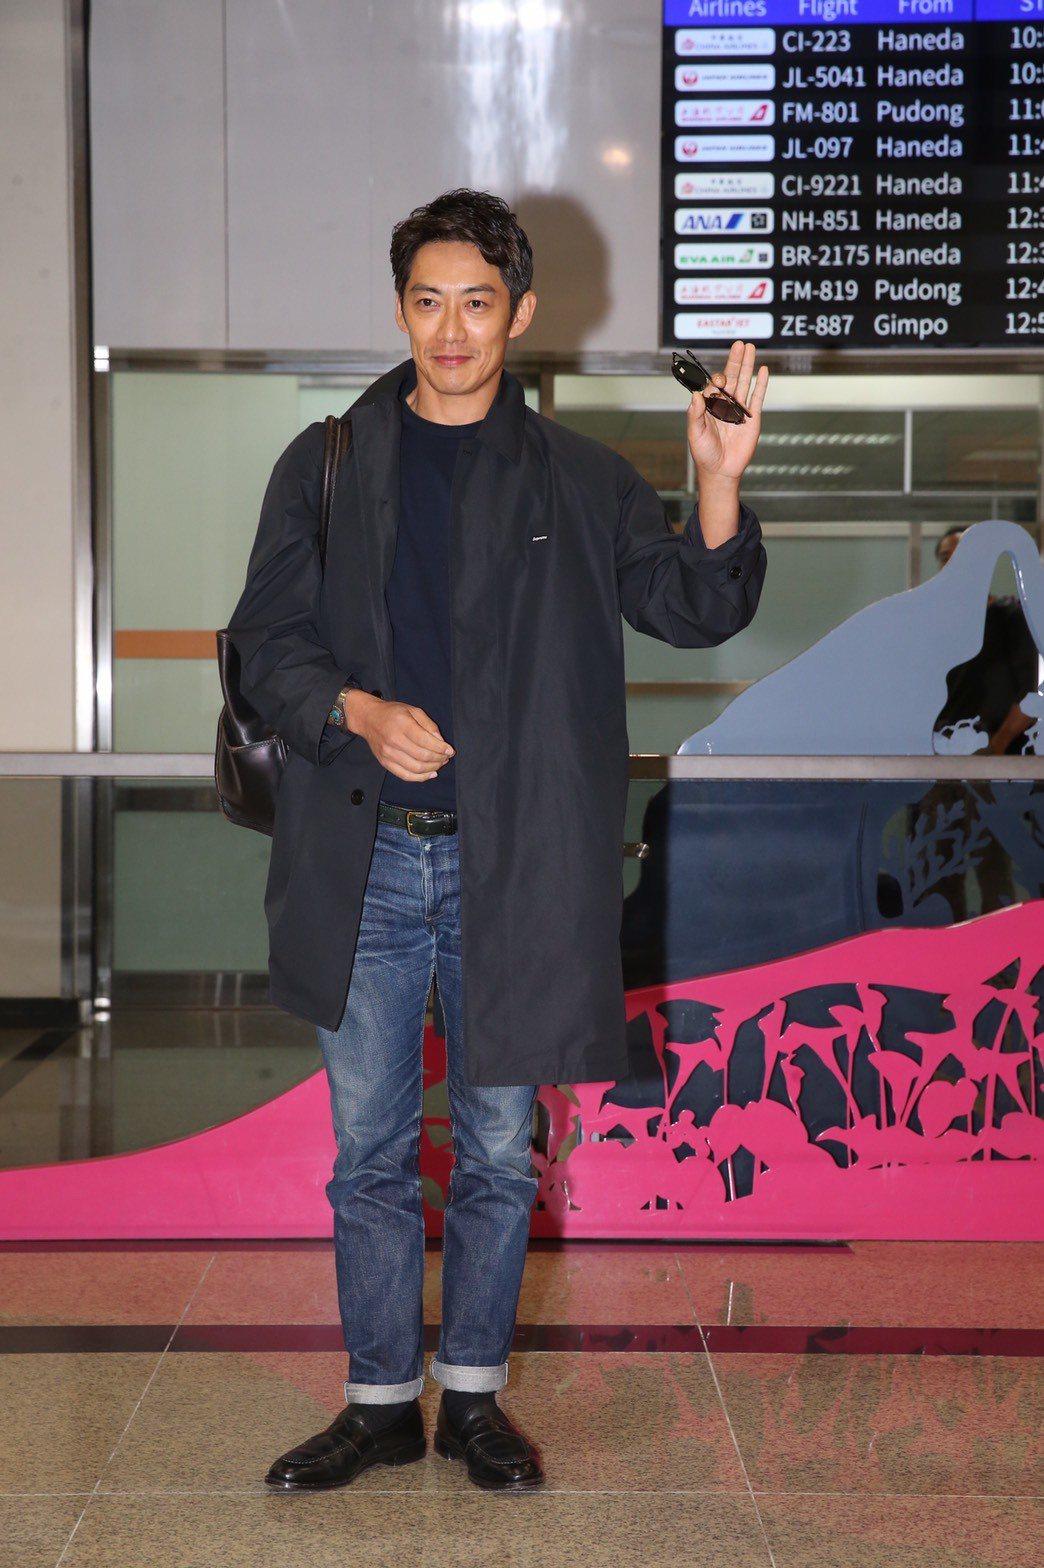 反町隆史抵台參加2019亞洲時尚大賞活動。記者徐兆玄/攝影